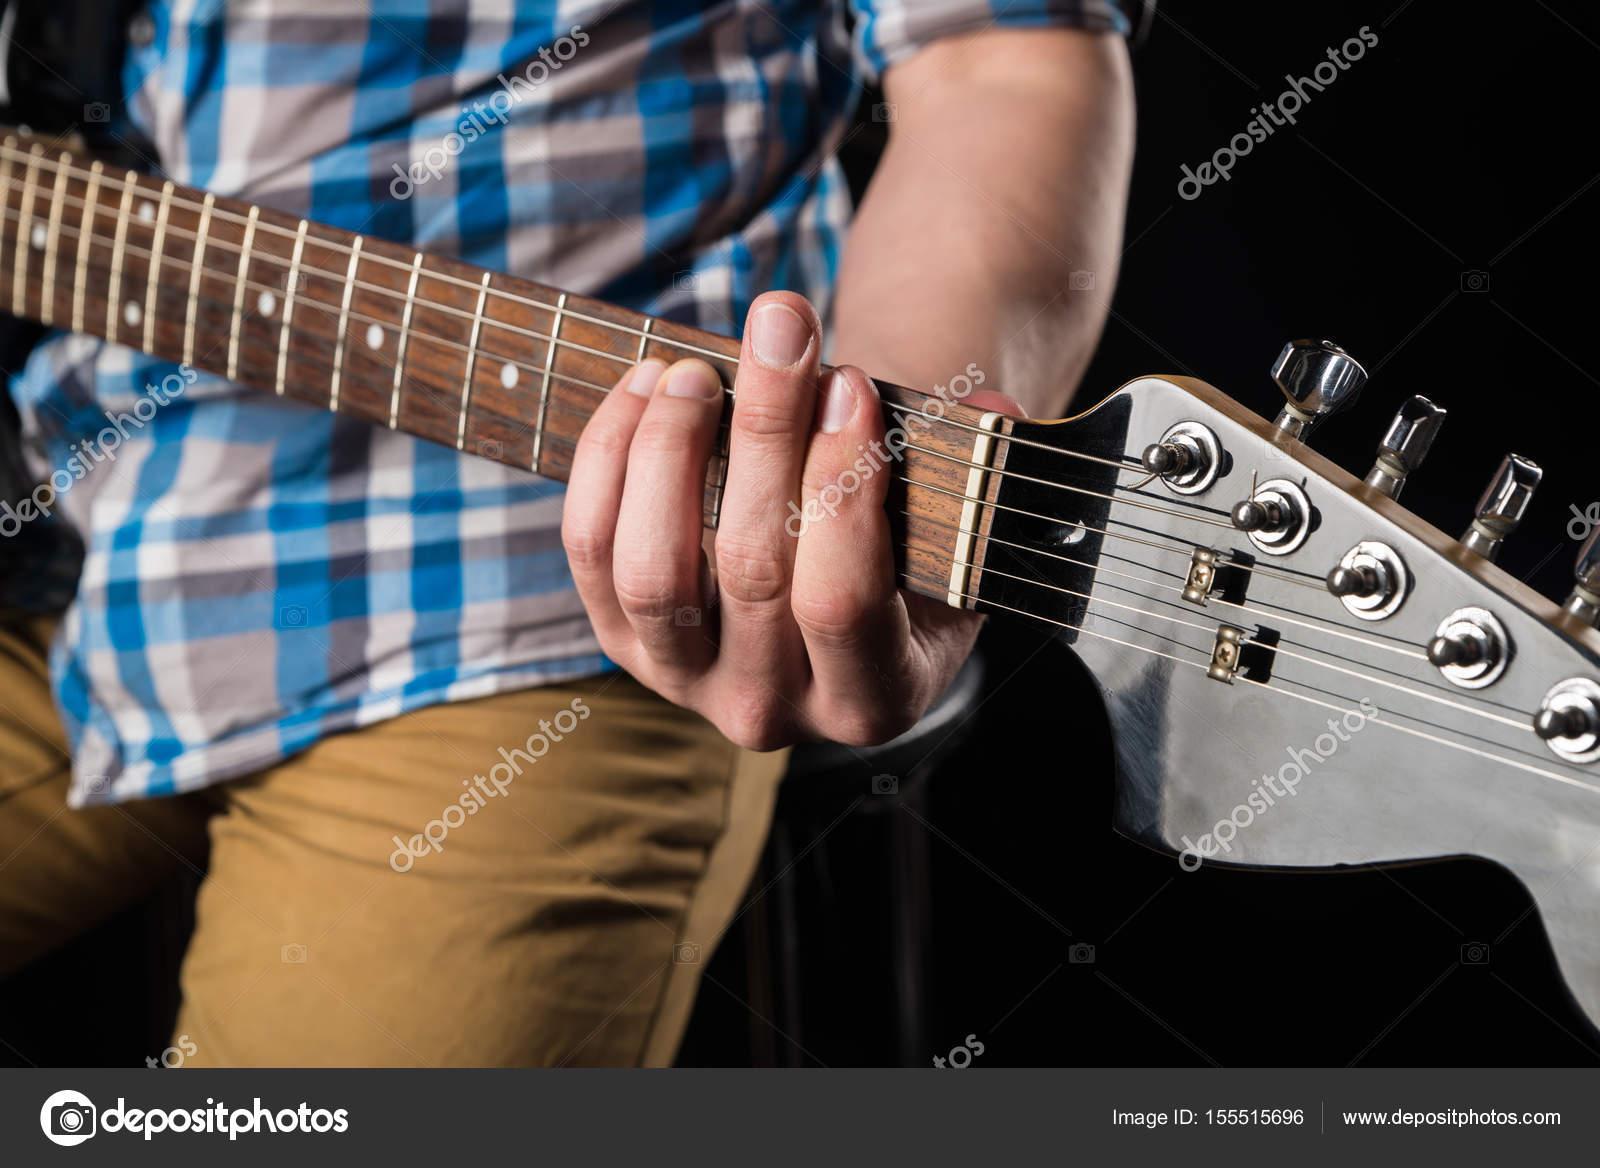 Vendita quadro composizione per chitarra composition for guitar